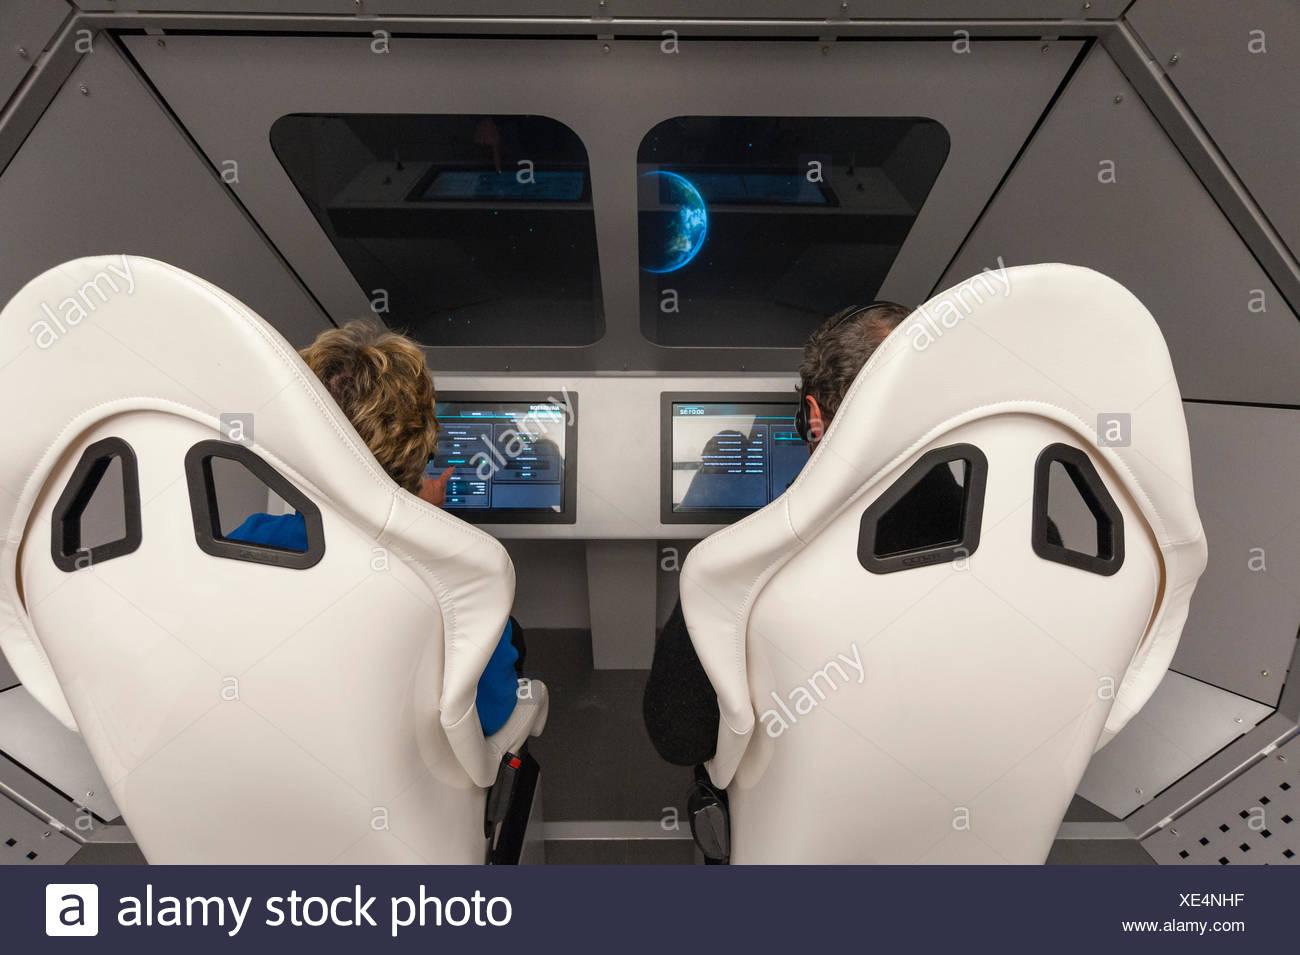 A space flight simulator at Spaceship Aurora, at the Andoya Rocket Range. - Stock Image